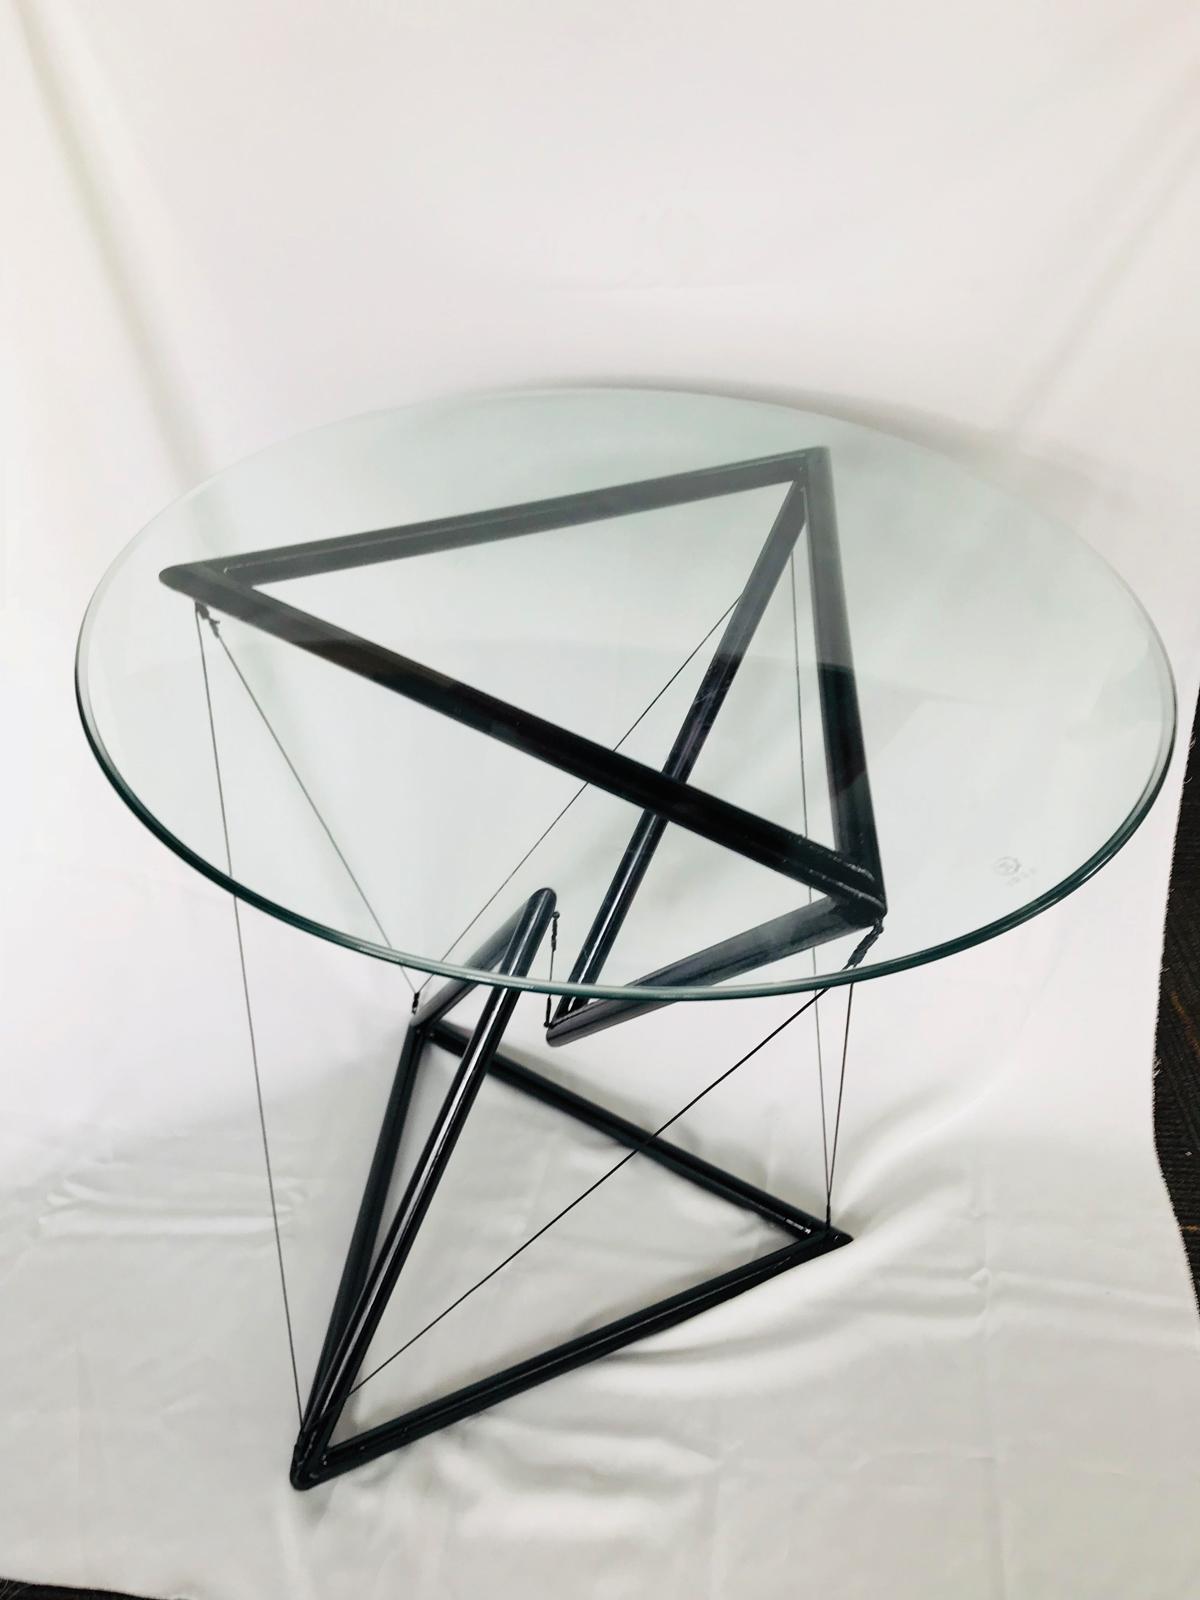 Salone Satellite, designed by Simin Qiu